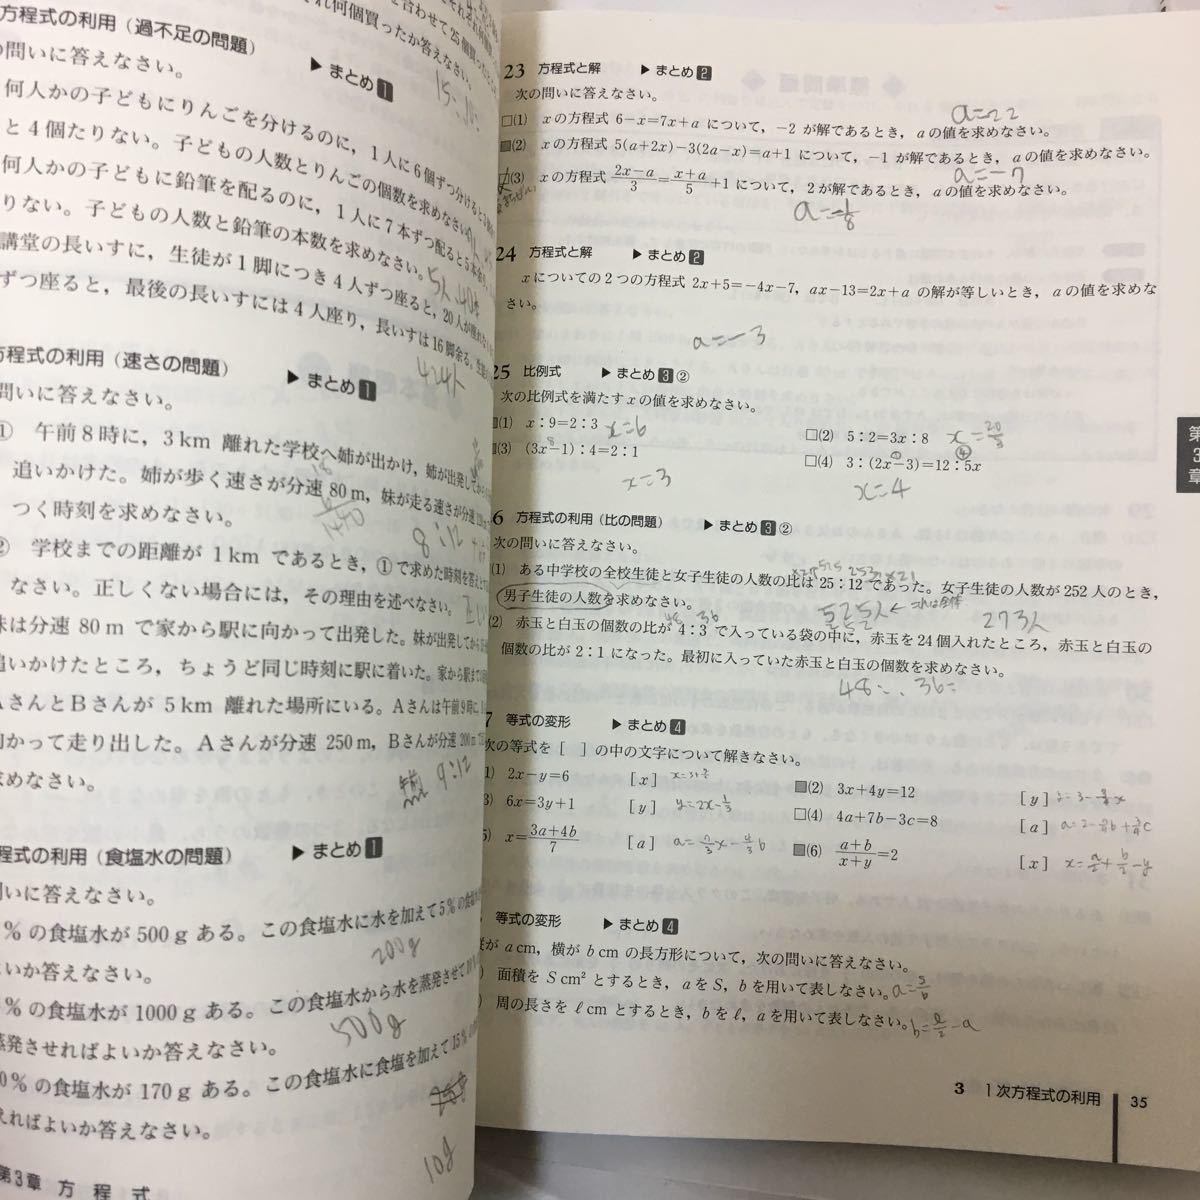 ♪ 体系問題集数学1 代数編―中高一貫教育をサポートする 中学1,2年生用 代数編+幾何編2冊セット(解答・解説付)単行本 2015  z-45